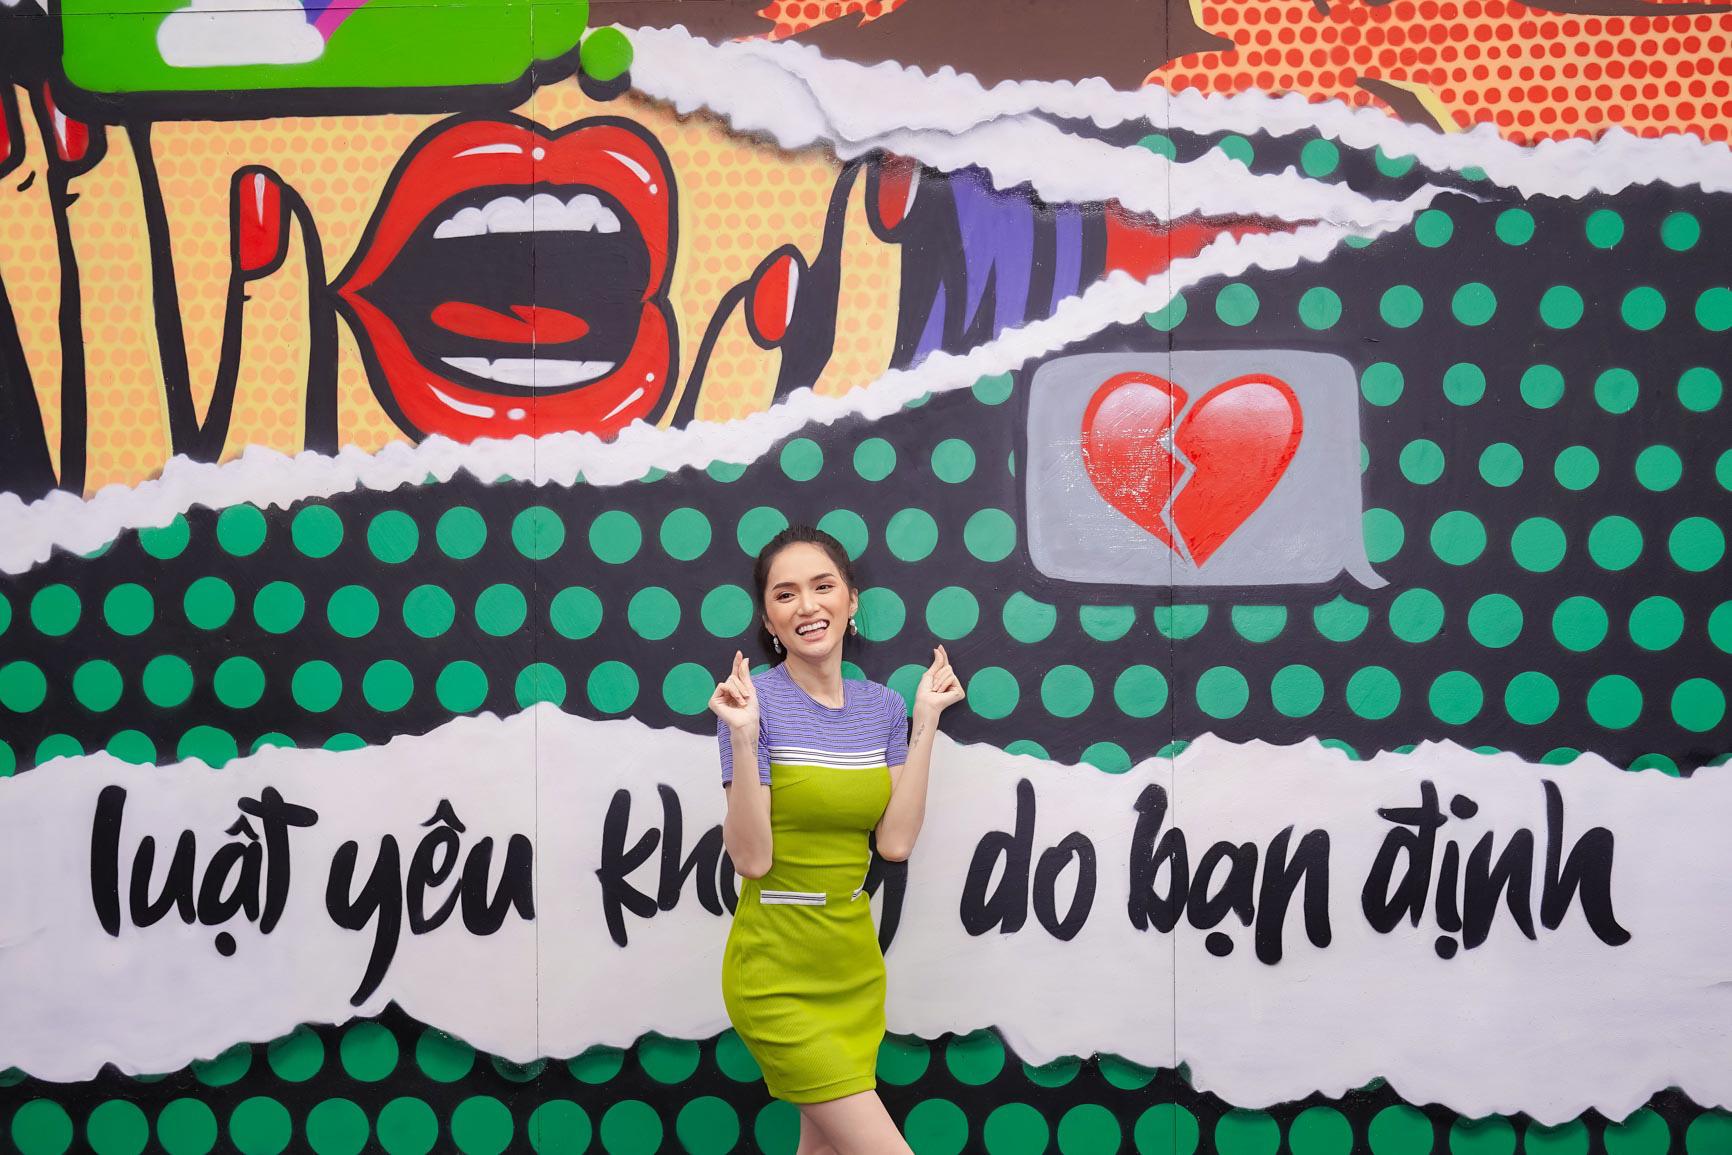 """Vừa xuất viện đã diễn cực """"sung"""", Hương Giang nhiệt tình cổ vũ quyền tự do yêu của giới trẻ cùng dàn sao Vpop - Ảnh 1."""